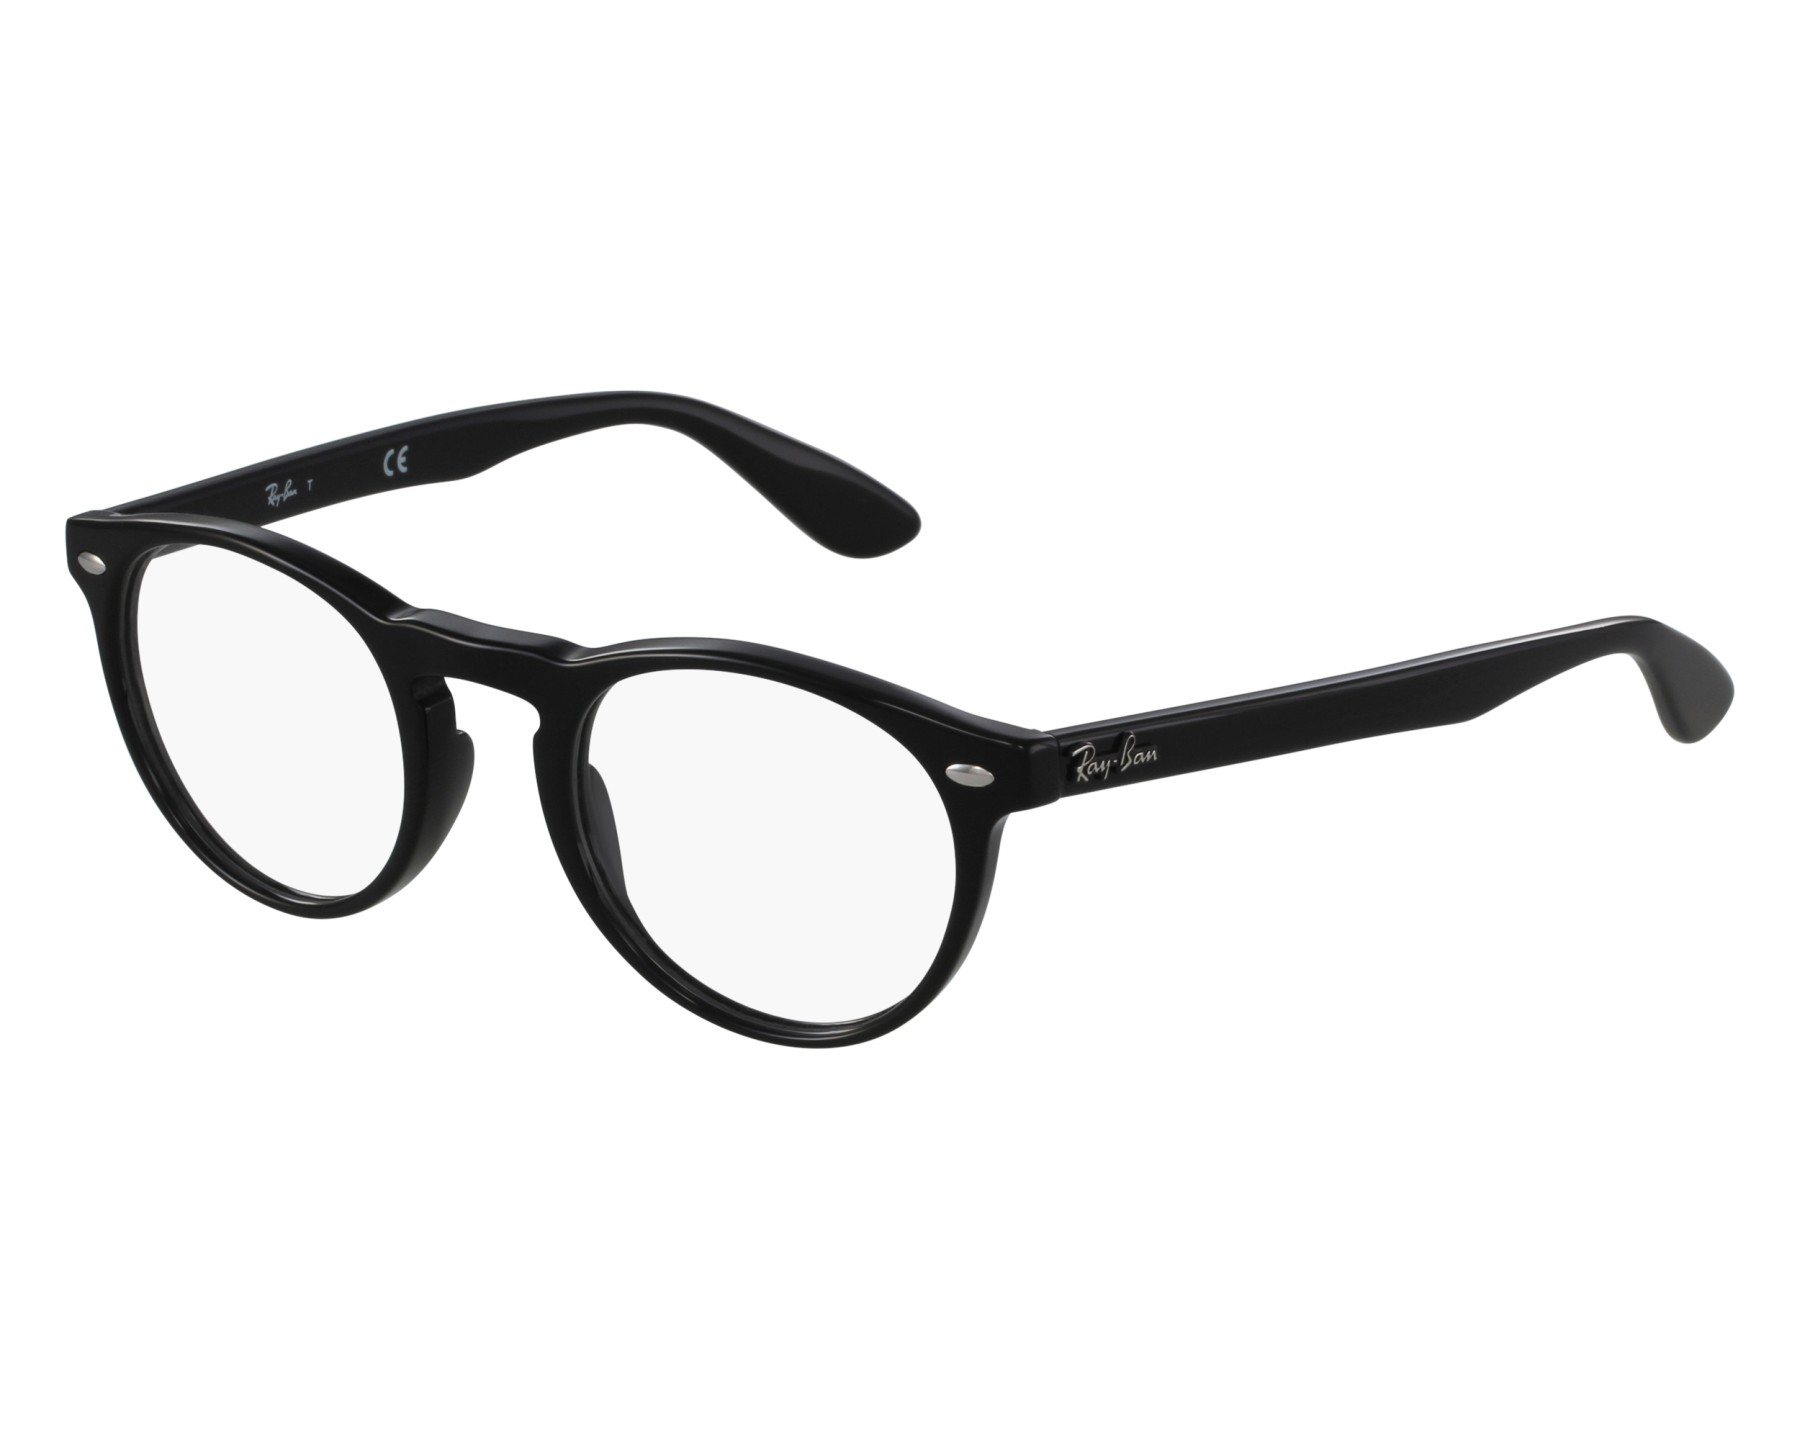 8899e2b41e Ray Ban Rx 5283 Glasses